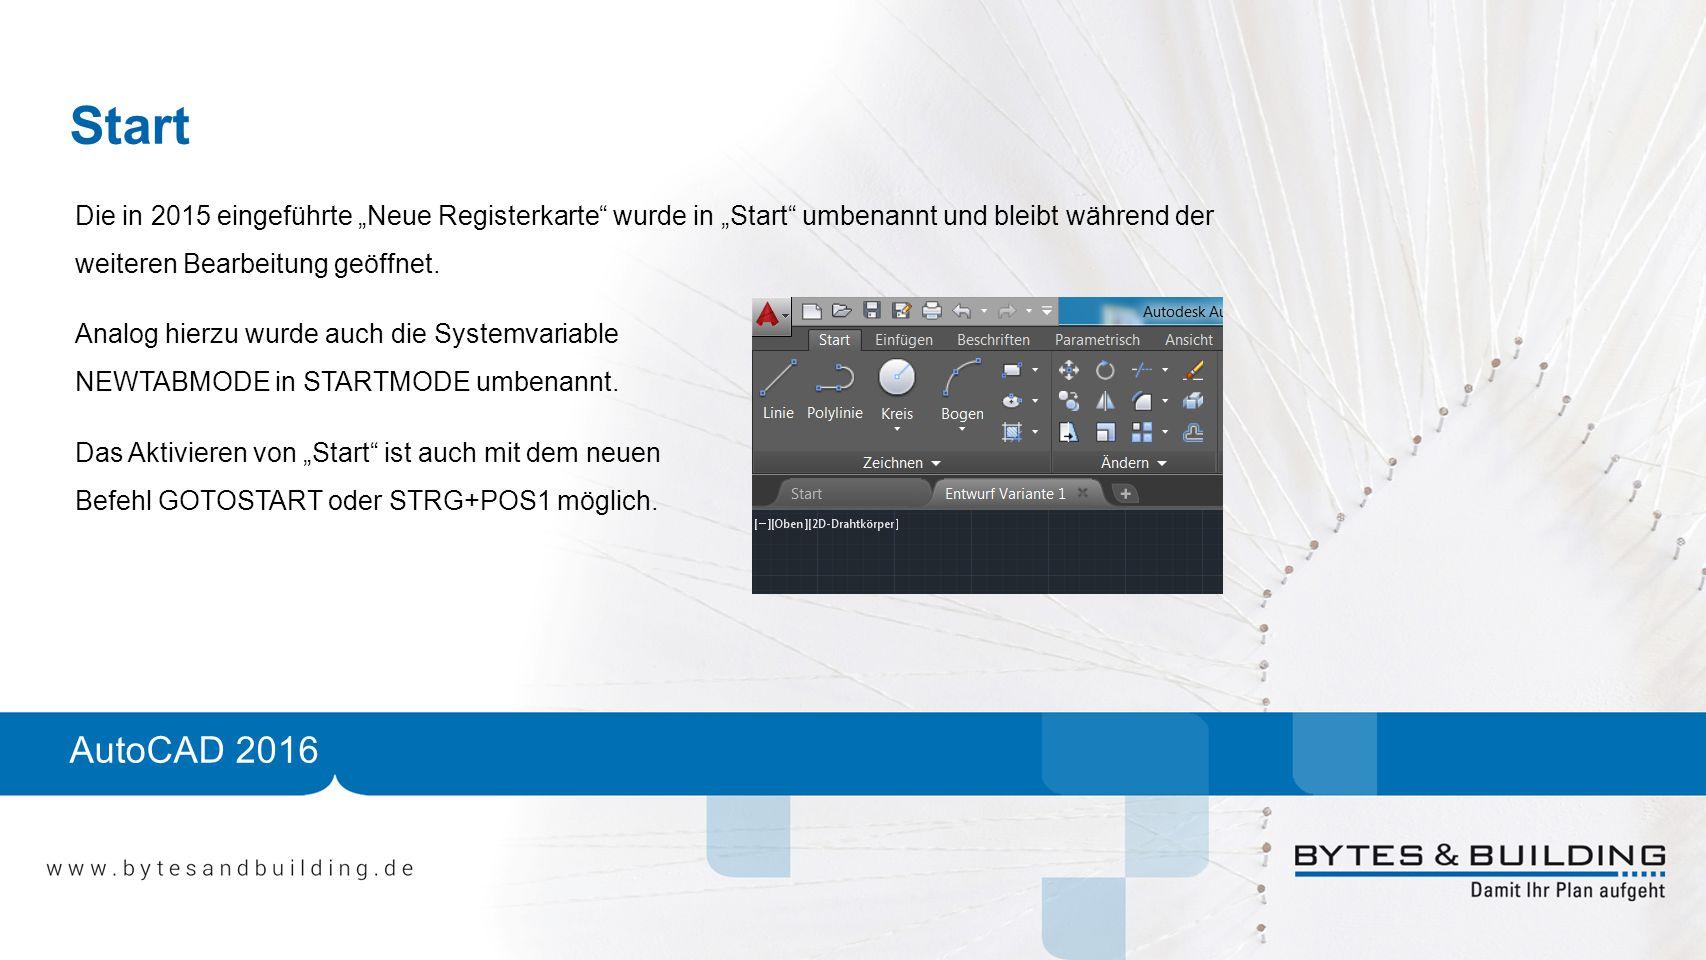 """Start AutoCAD 2016 Die in 2015 eingeführte """"Neue Registerkarte wurde in """"Start umbenannt und bleibt während der weiteren Bearbeitung geöffnet."""